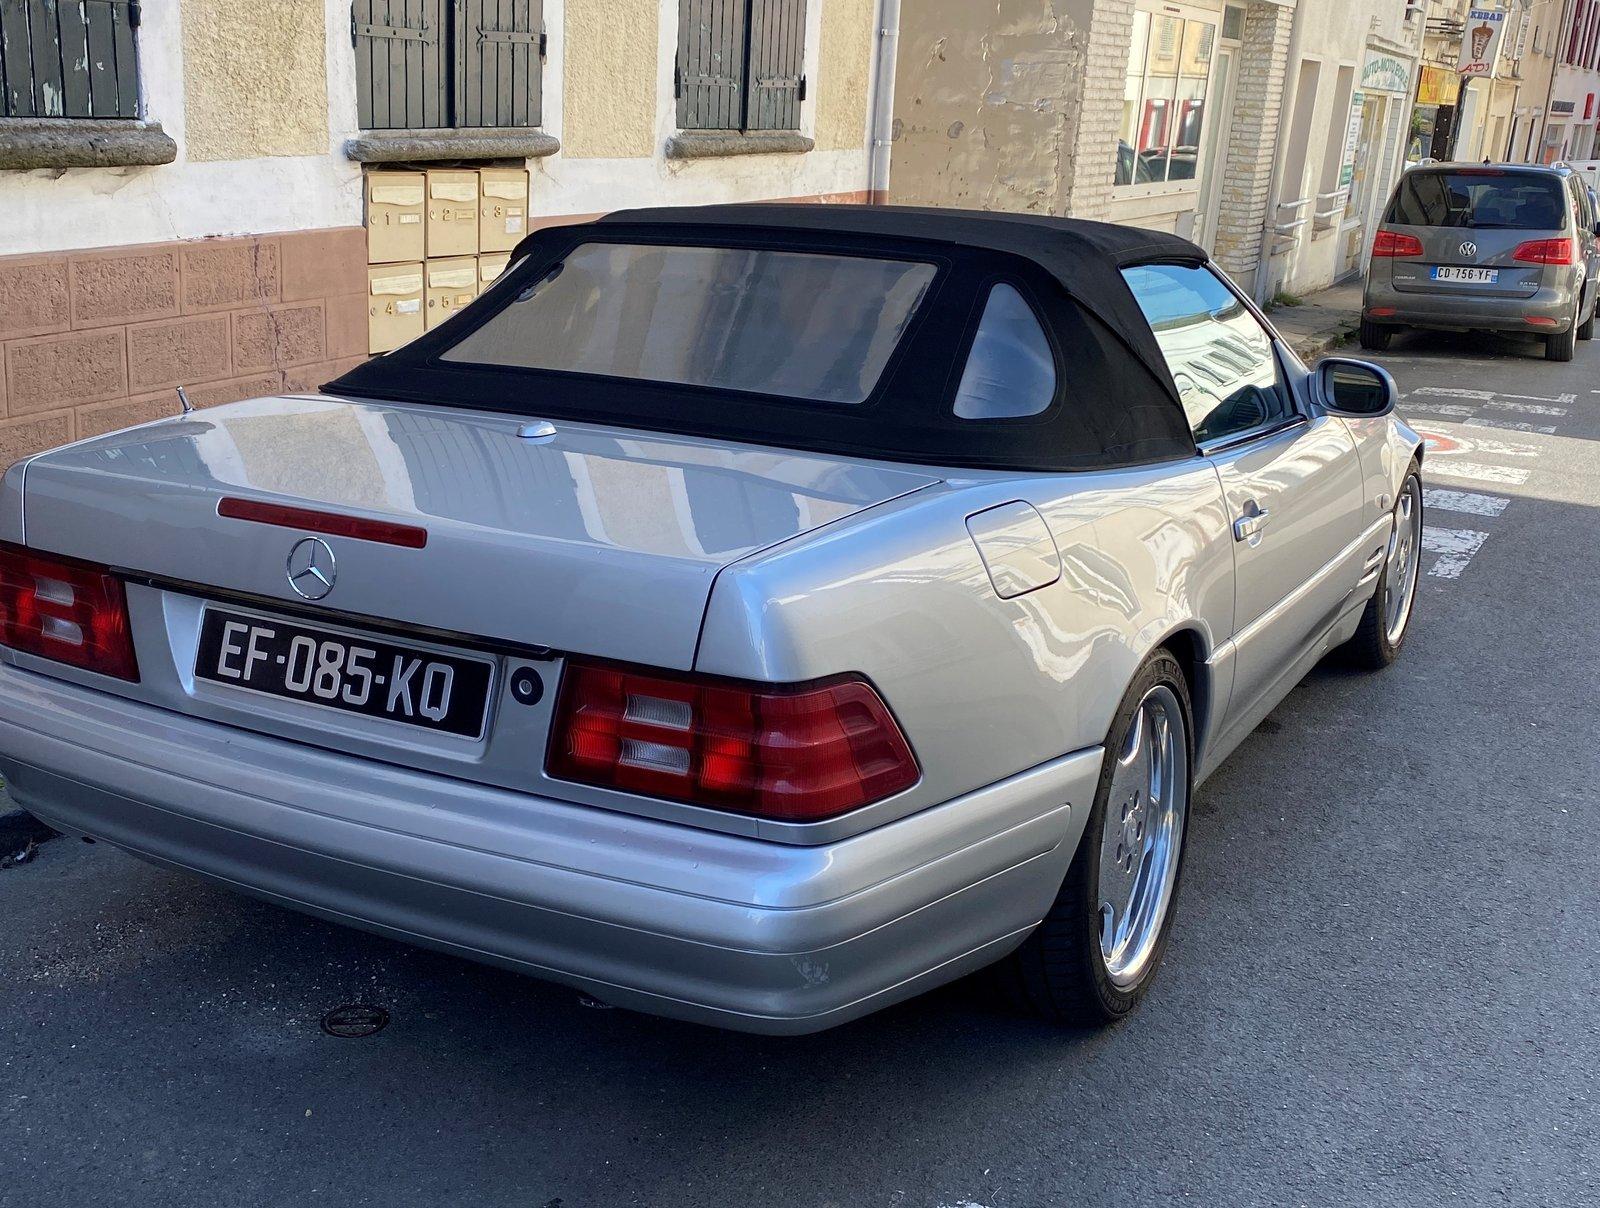 Nouveau en SL 500 R129 1998 par Freddy KRUEGER - Page 2 200619081302553174